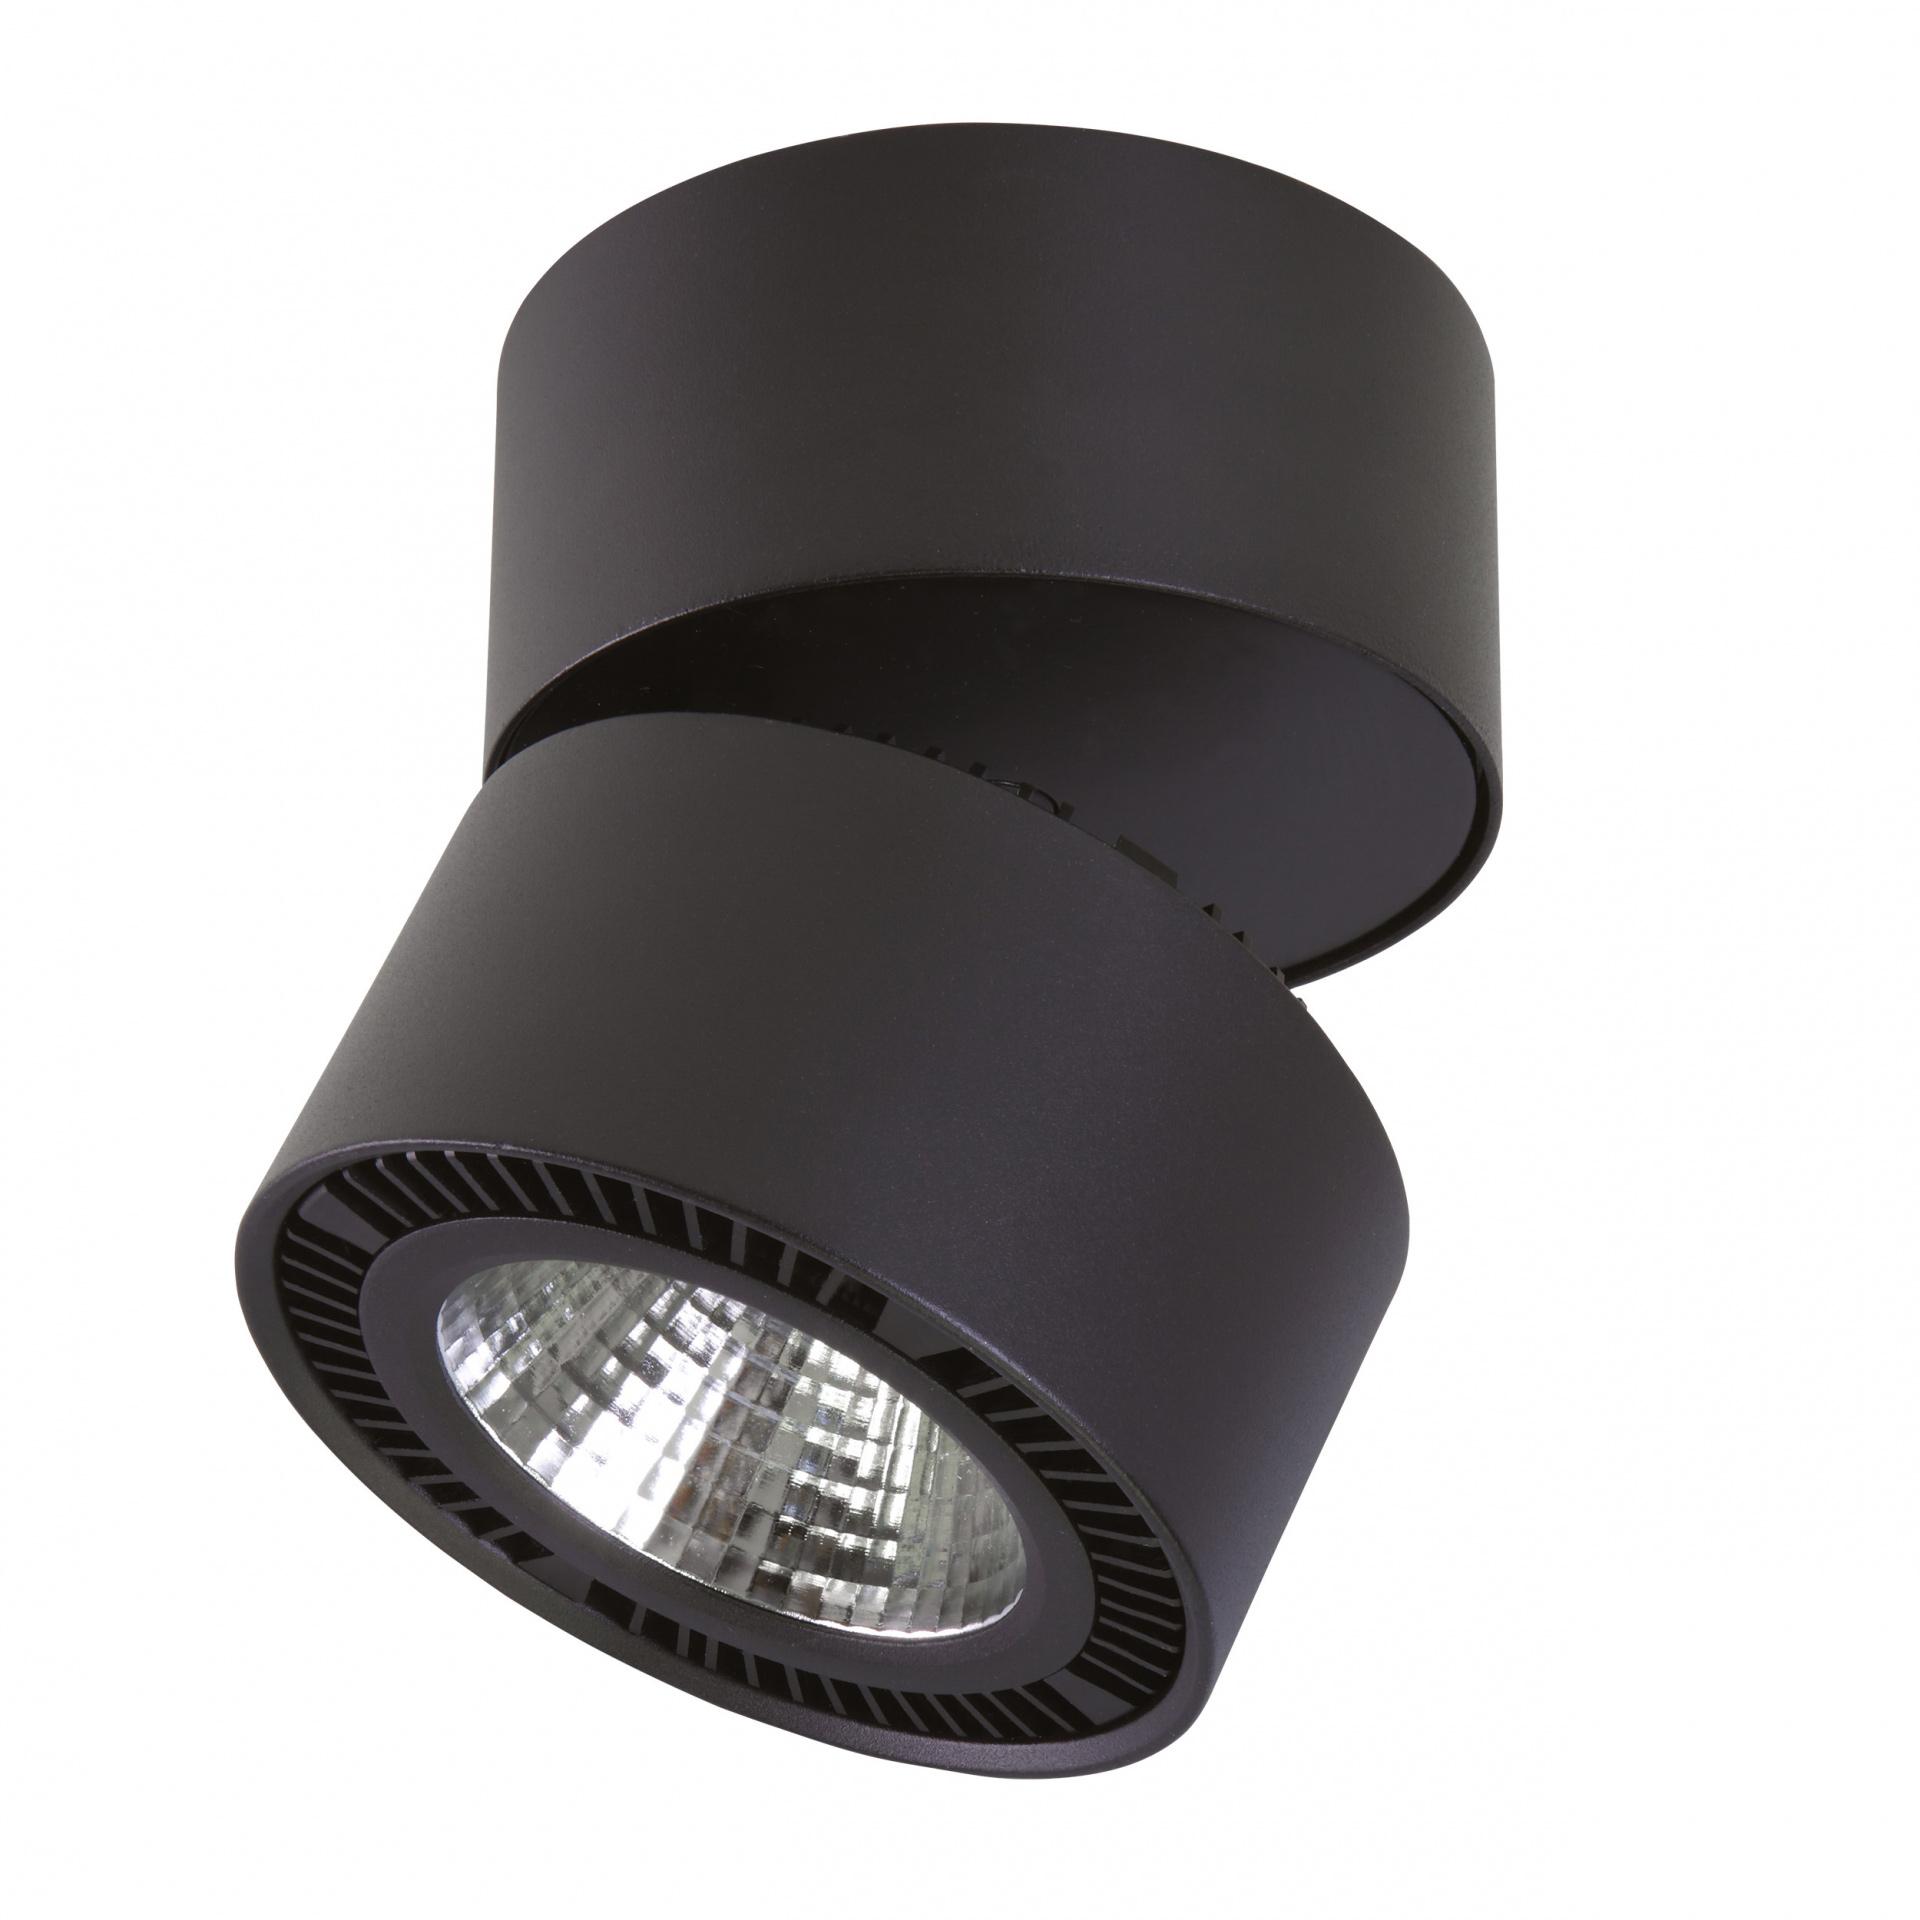 Светильник Forte Muro LED 26W 1950LM 30G черный 3000K Lightstar 213837, купить в СПб, Москве, с доставкой, Санкт-Петербург, интернет-магазин люстр и светильников Starlight, фото в жизни